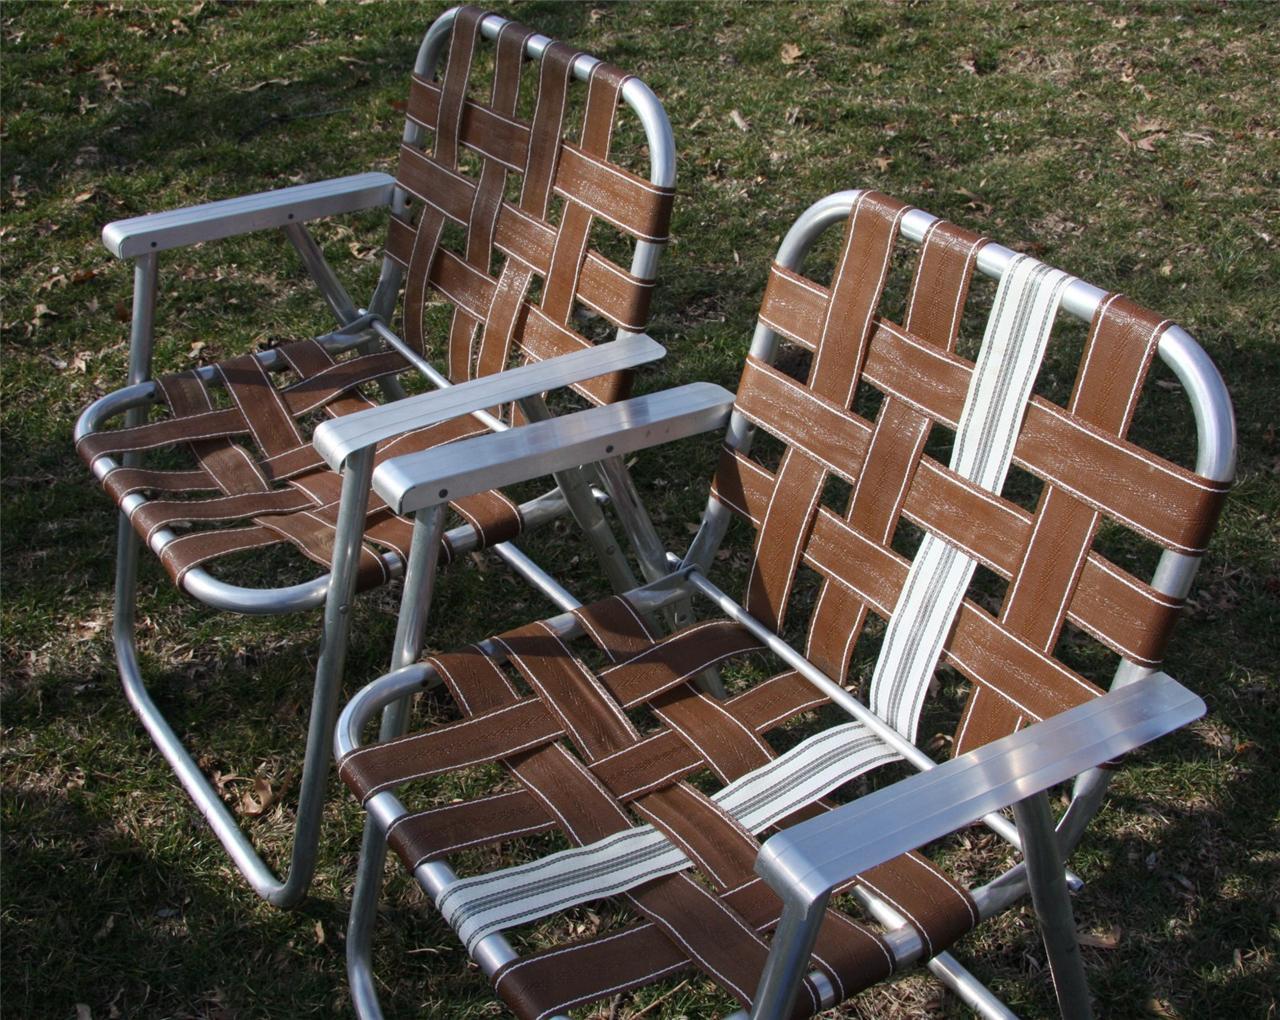 2 Retro Aluminum Retro Folding Lawn Chair Mid Century